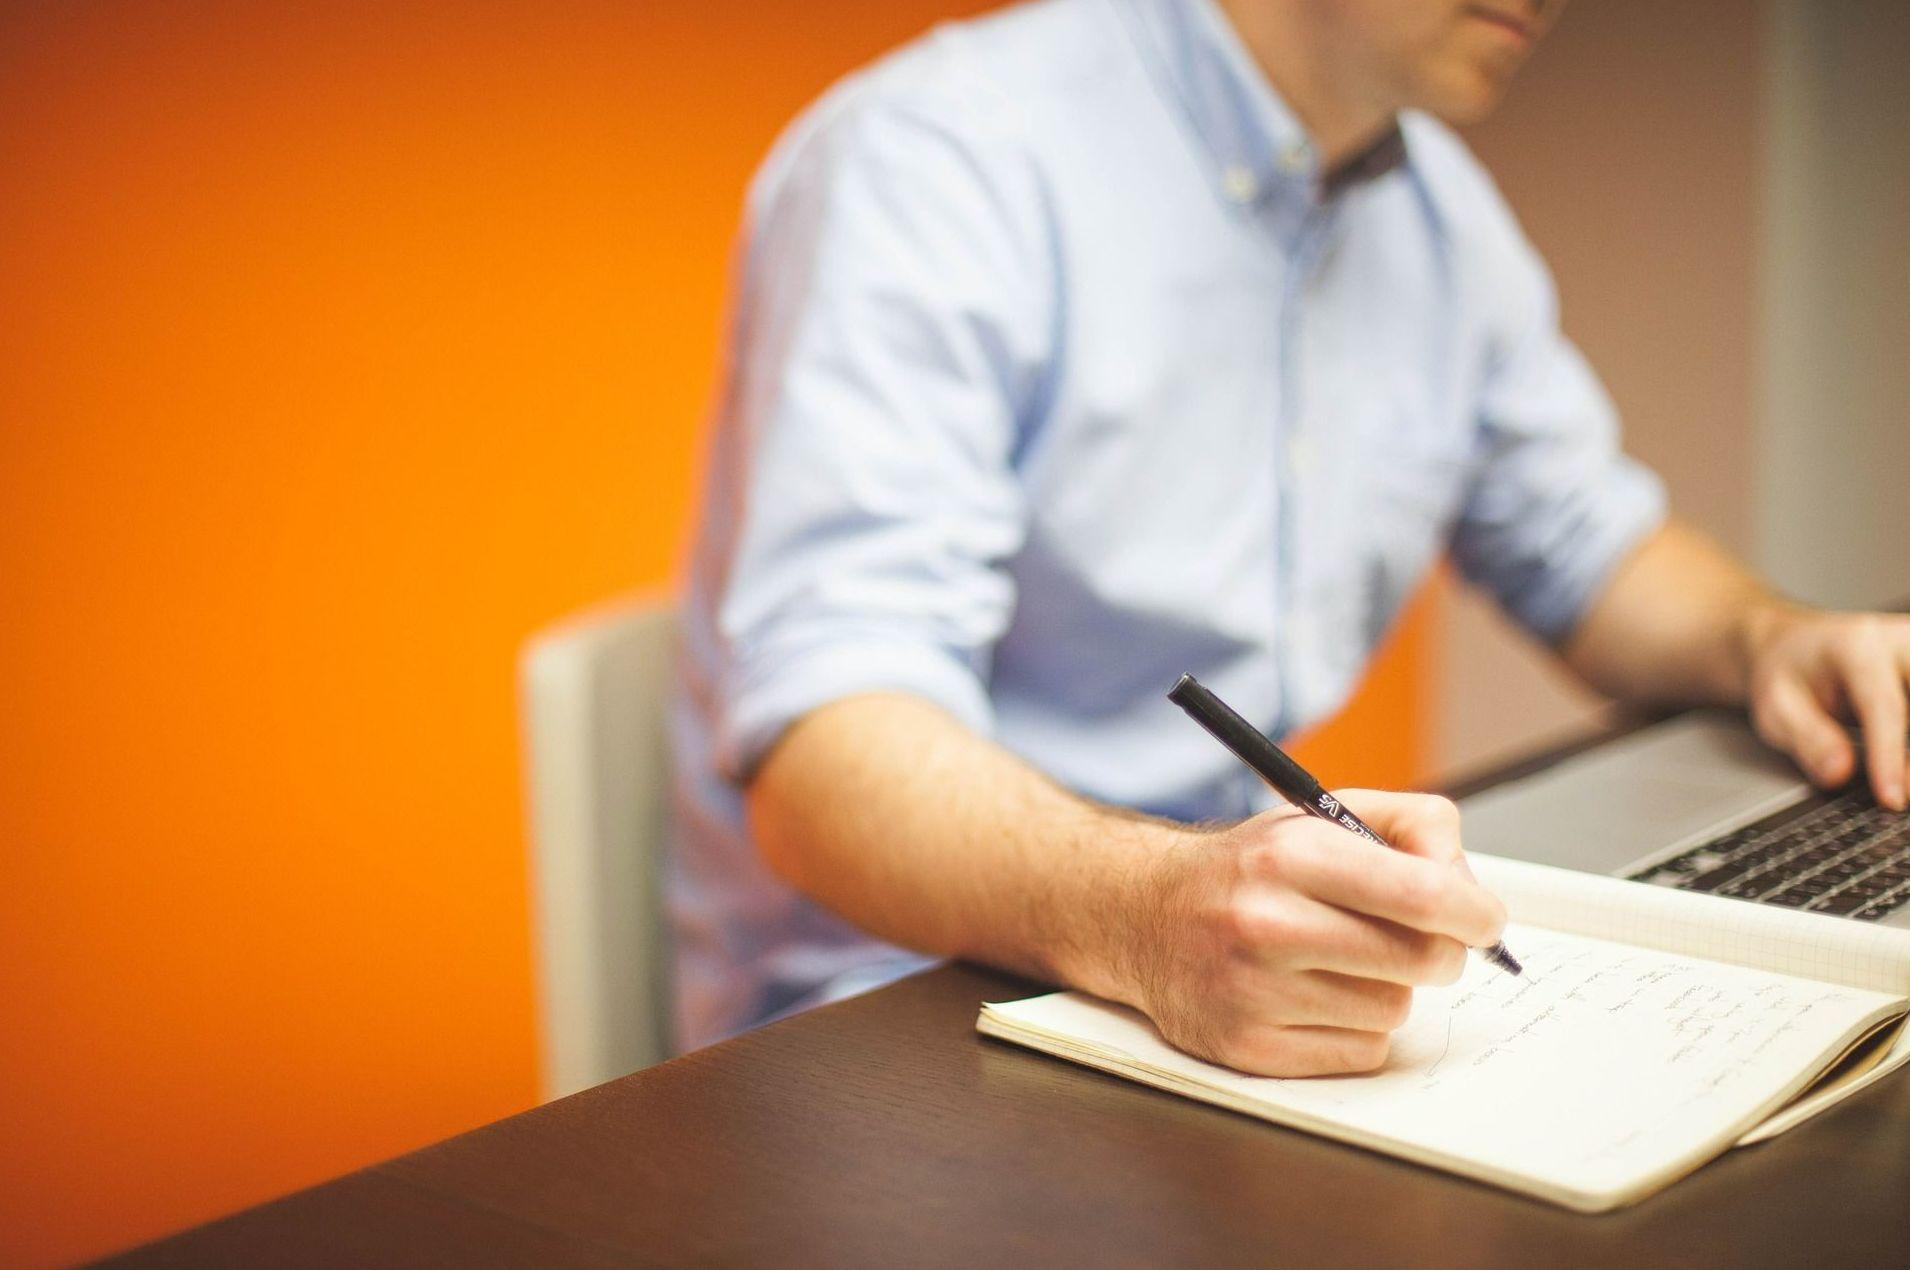 Certificados de Seguridad Social: ¿Qué hacemos?  de Gestoría Cebrián